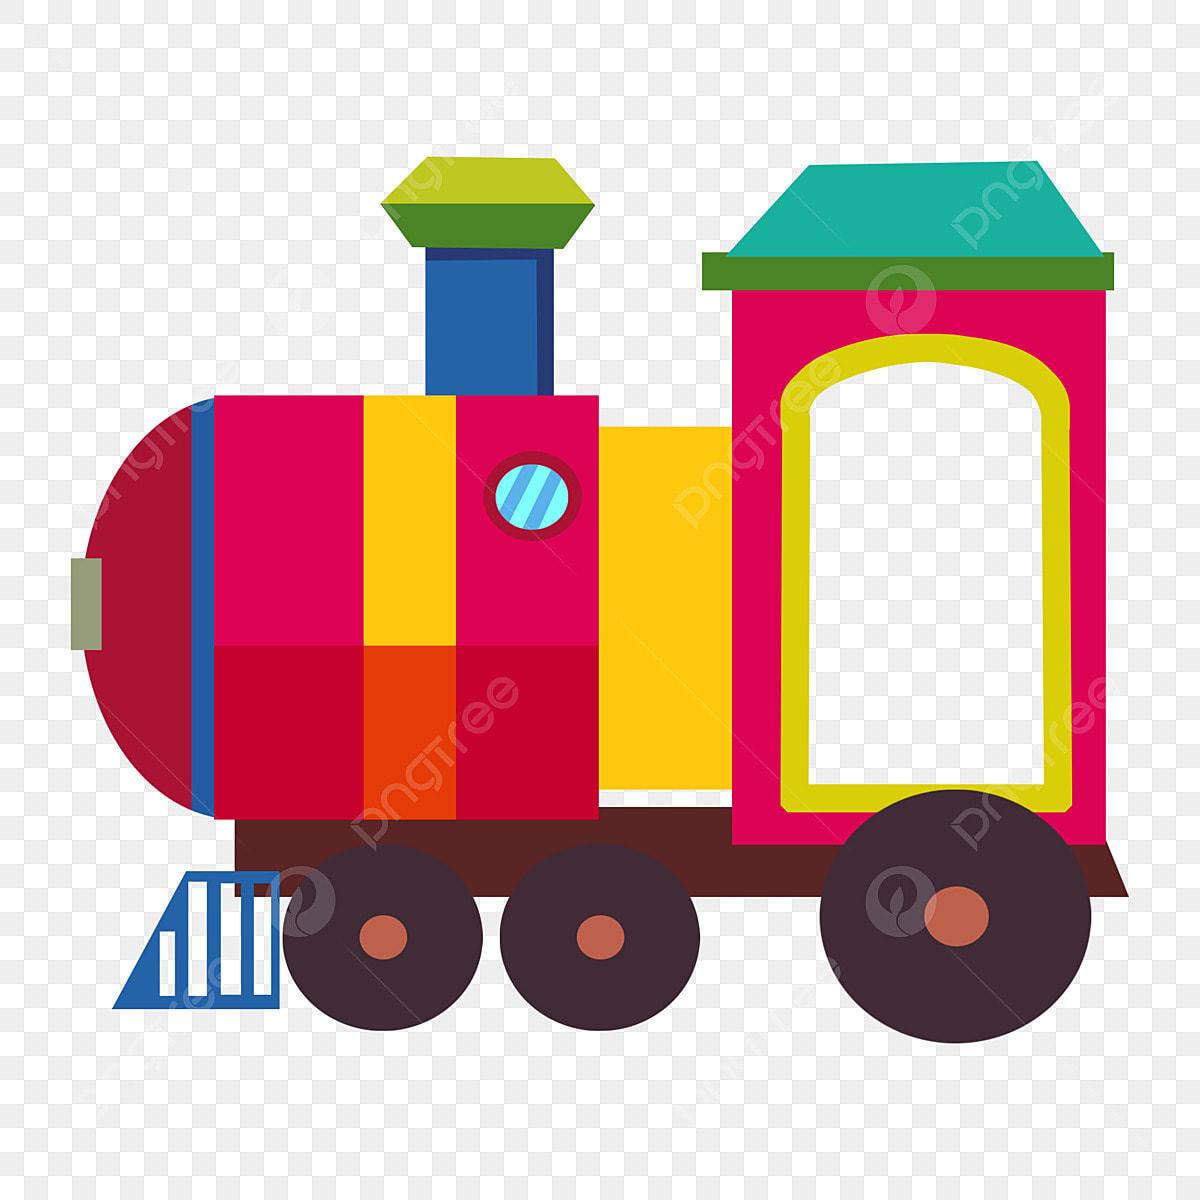 قطار كرتون Png الصور ناقل و Psd الملفات تحميل مجاني على Pngtree